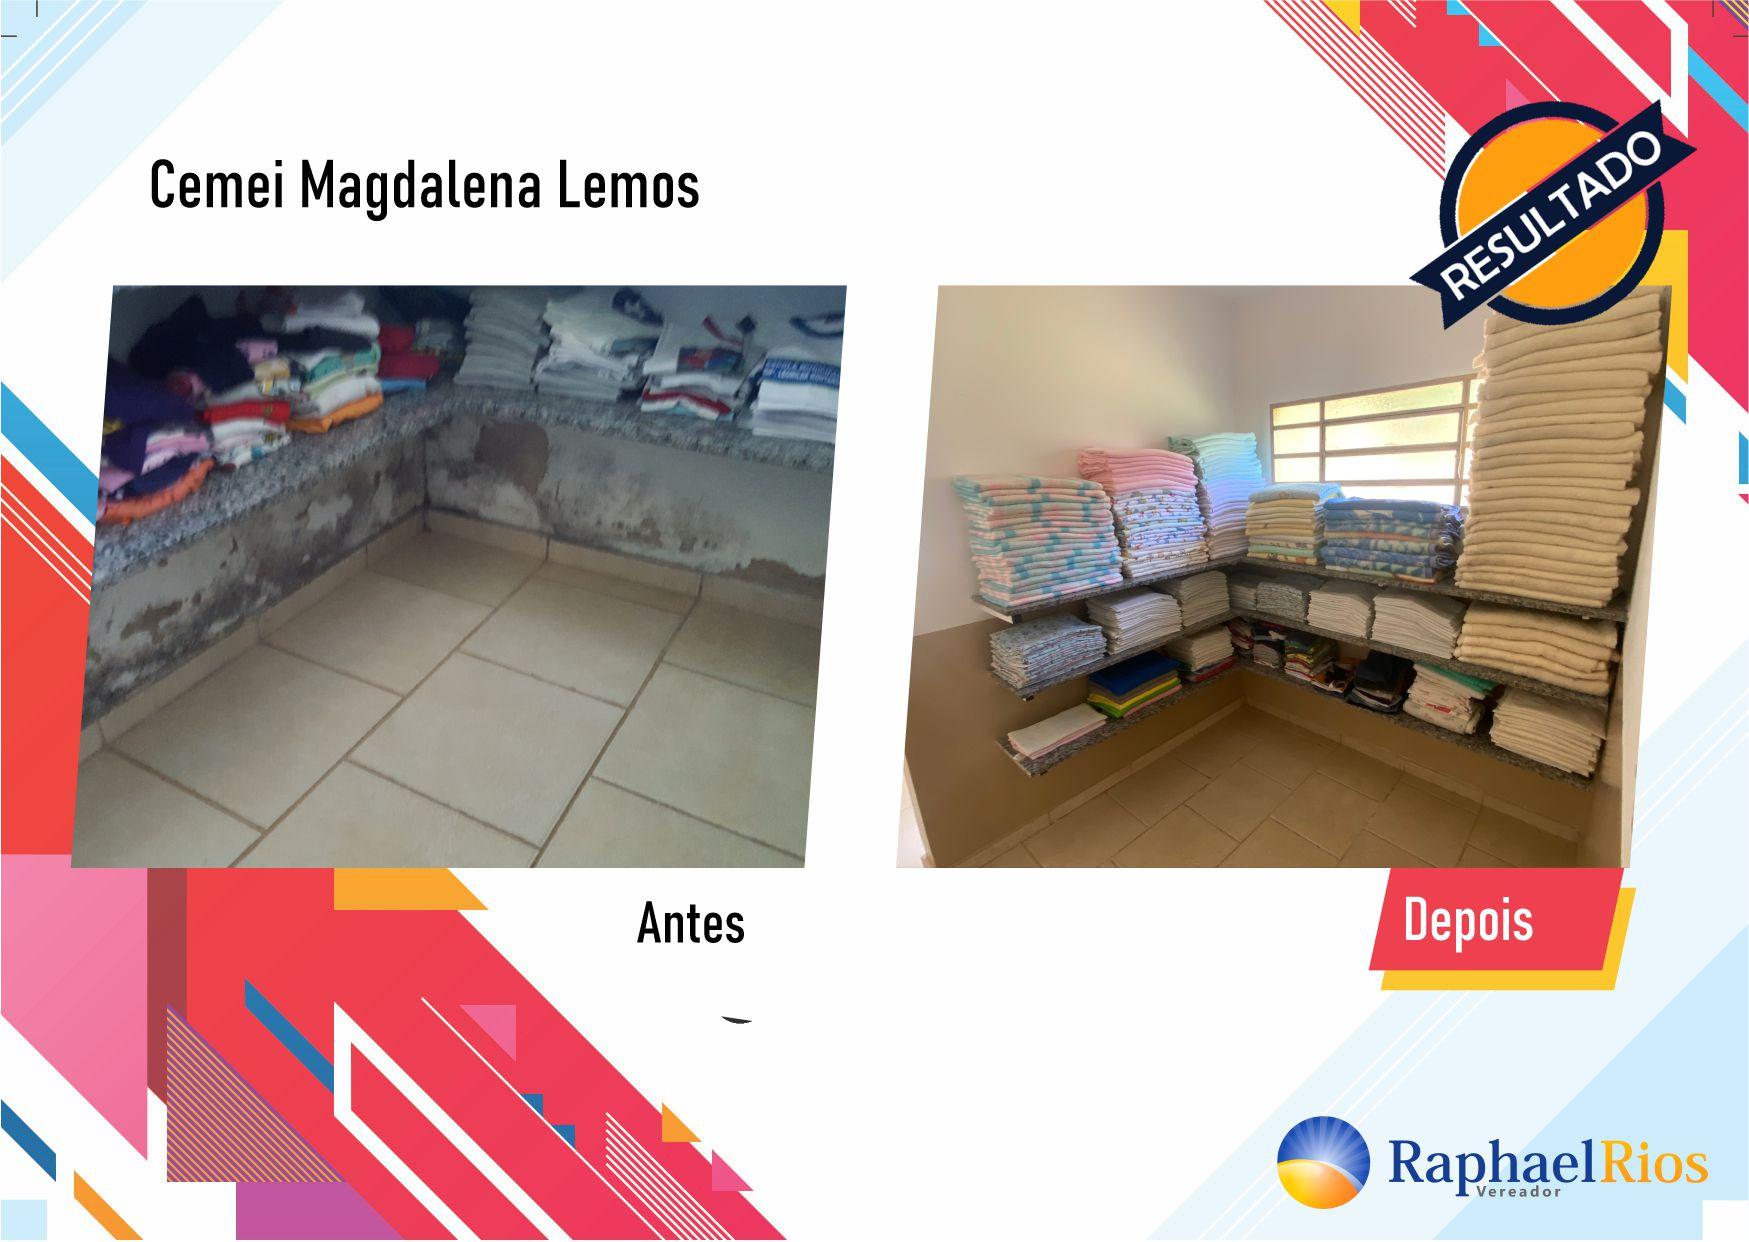 Após fiscalização, Raphael Rios confere reforma geral do Cemei Magdalena Lemos 11